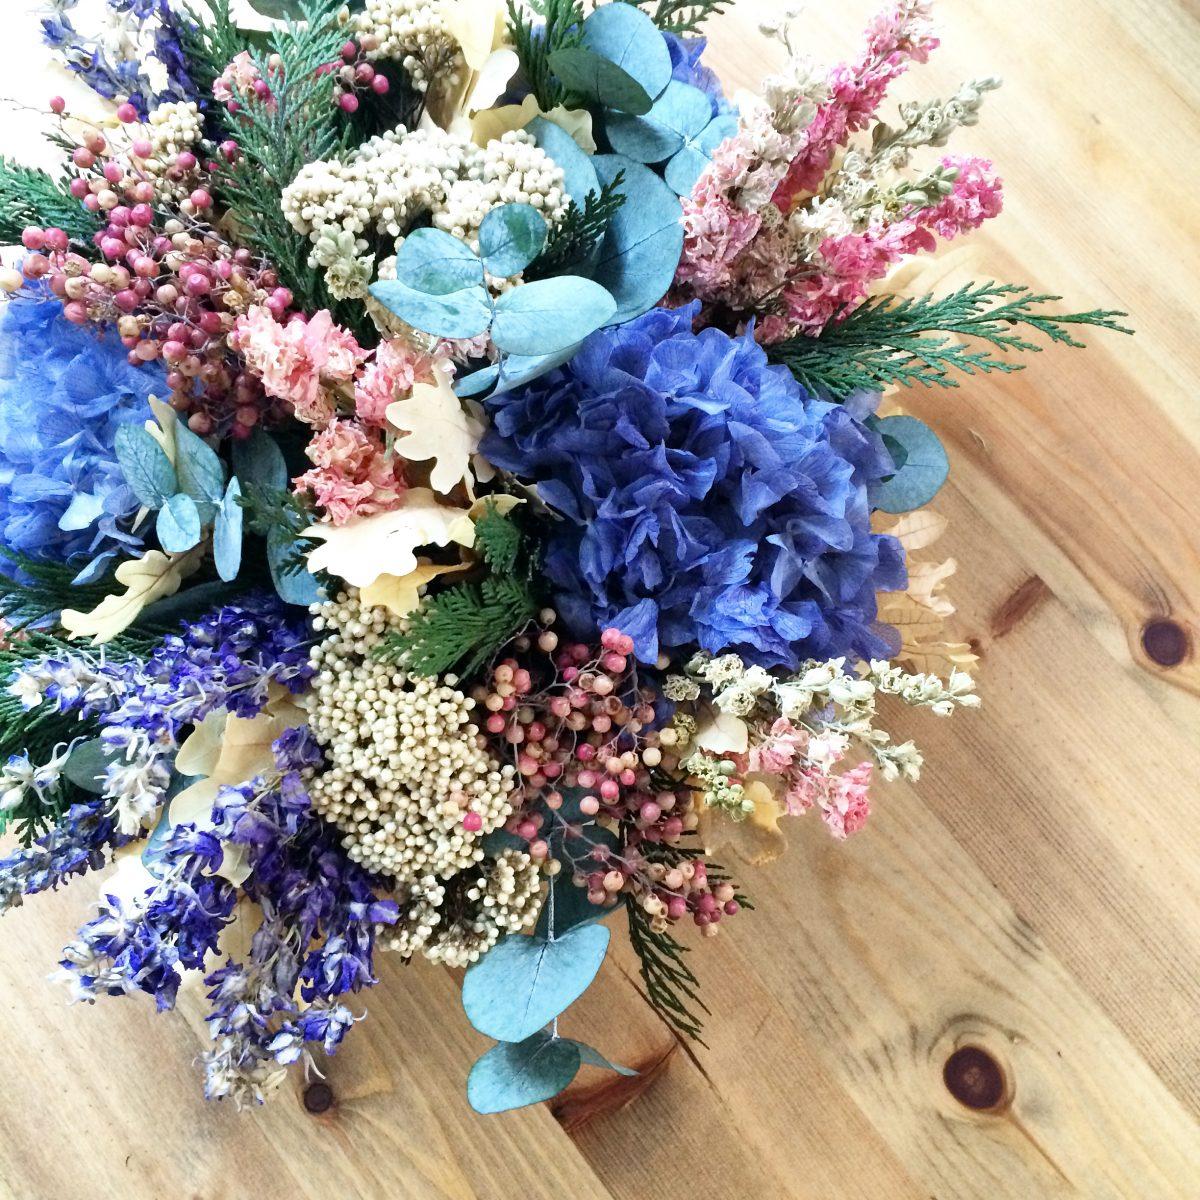 Flores secas para arranjos duradouros